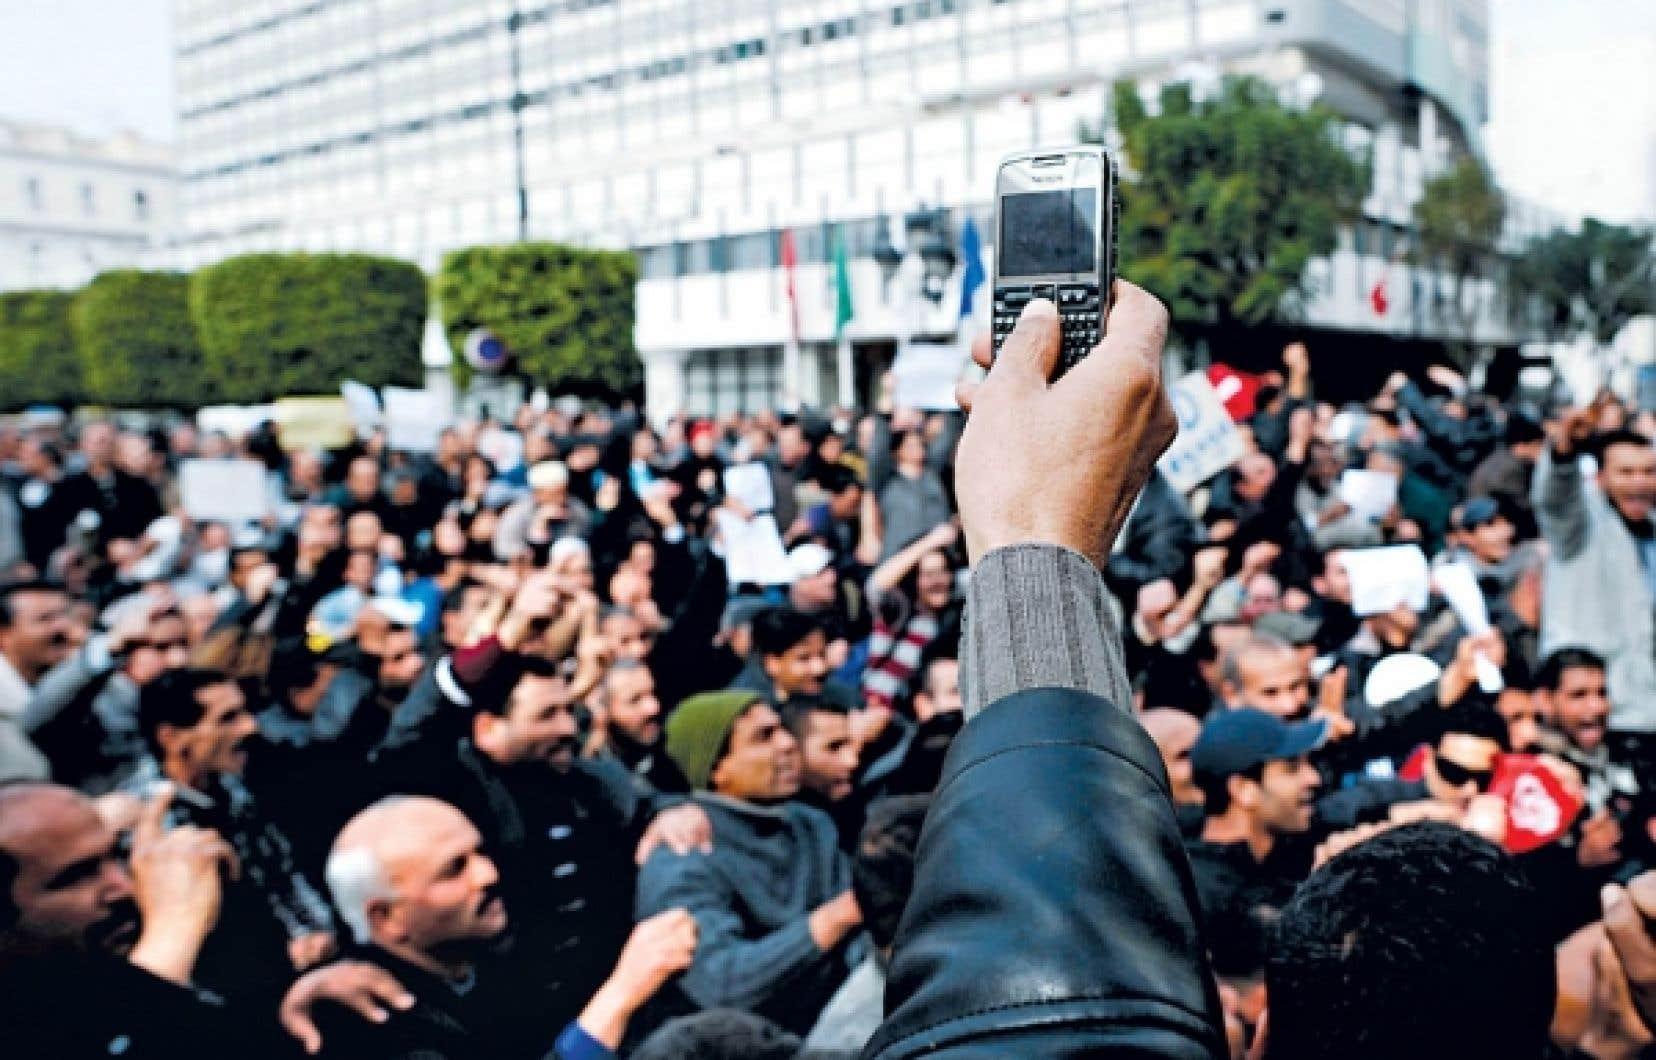 Un manifestant tunisien photographiait la foule lors d'un rassemblement à Tunis, plus tôt cette année.